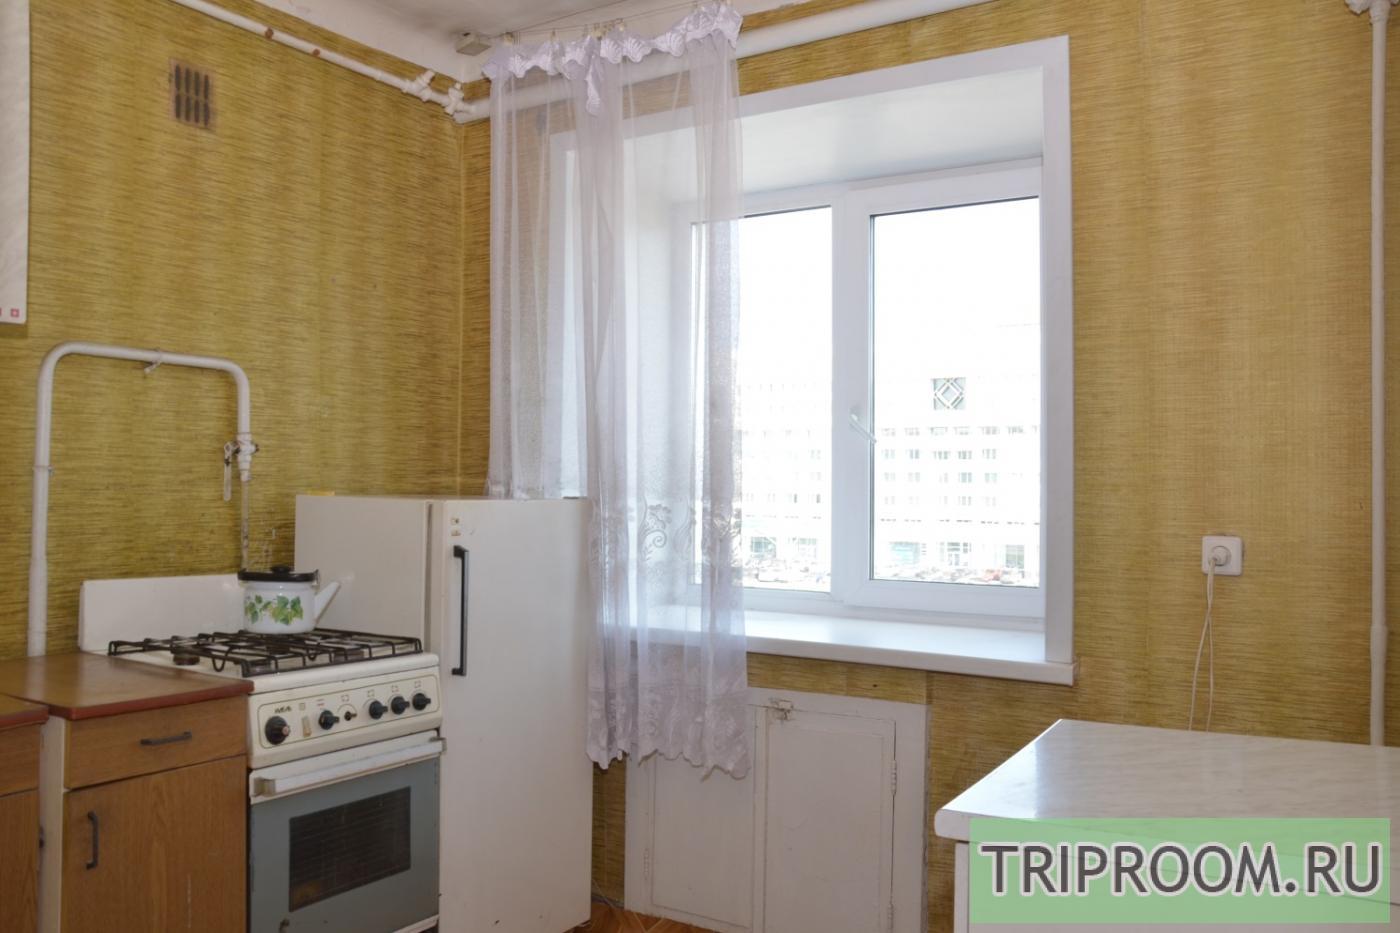 1-комнатная квартира посуточно (вариант № 10576), ул. Ленина улица, фото № 3